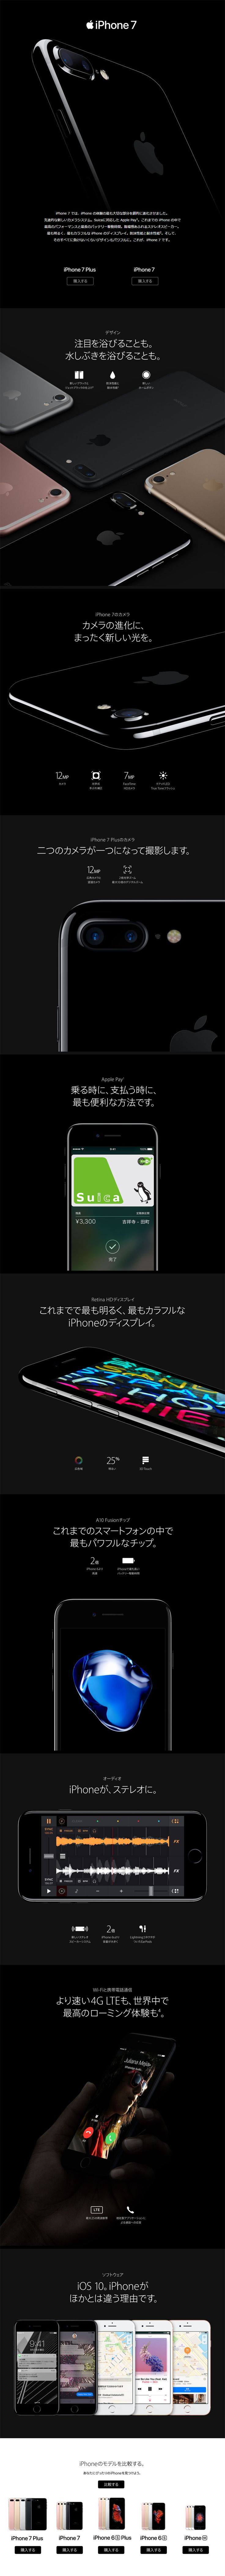 iPhone7 製品情報  ソフトバンク【家電・パソコン・通信関連】のLPデザイン。WEBデザイナーさん必見!ランディングページのデザイン参考に(かっこいい系)